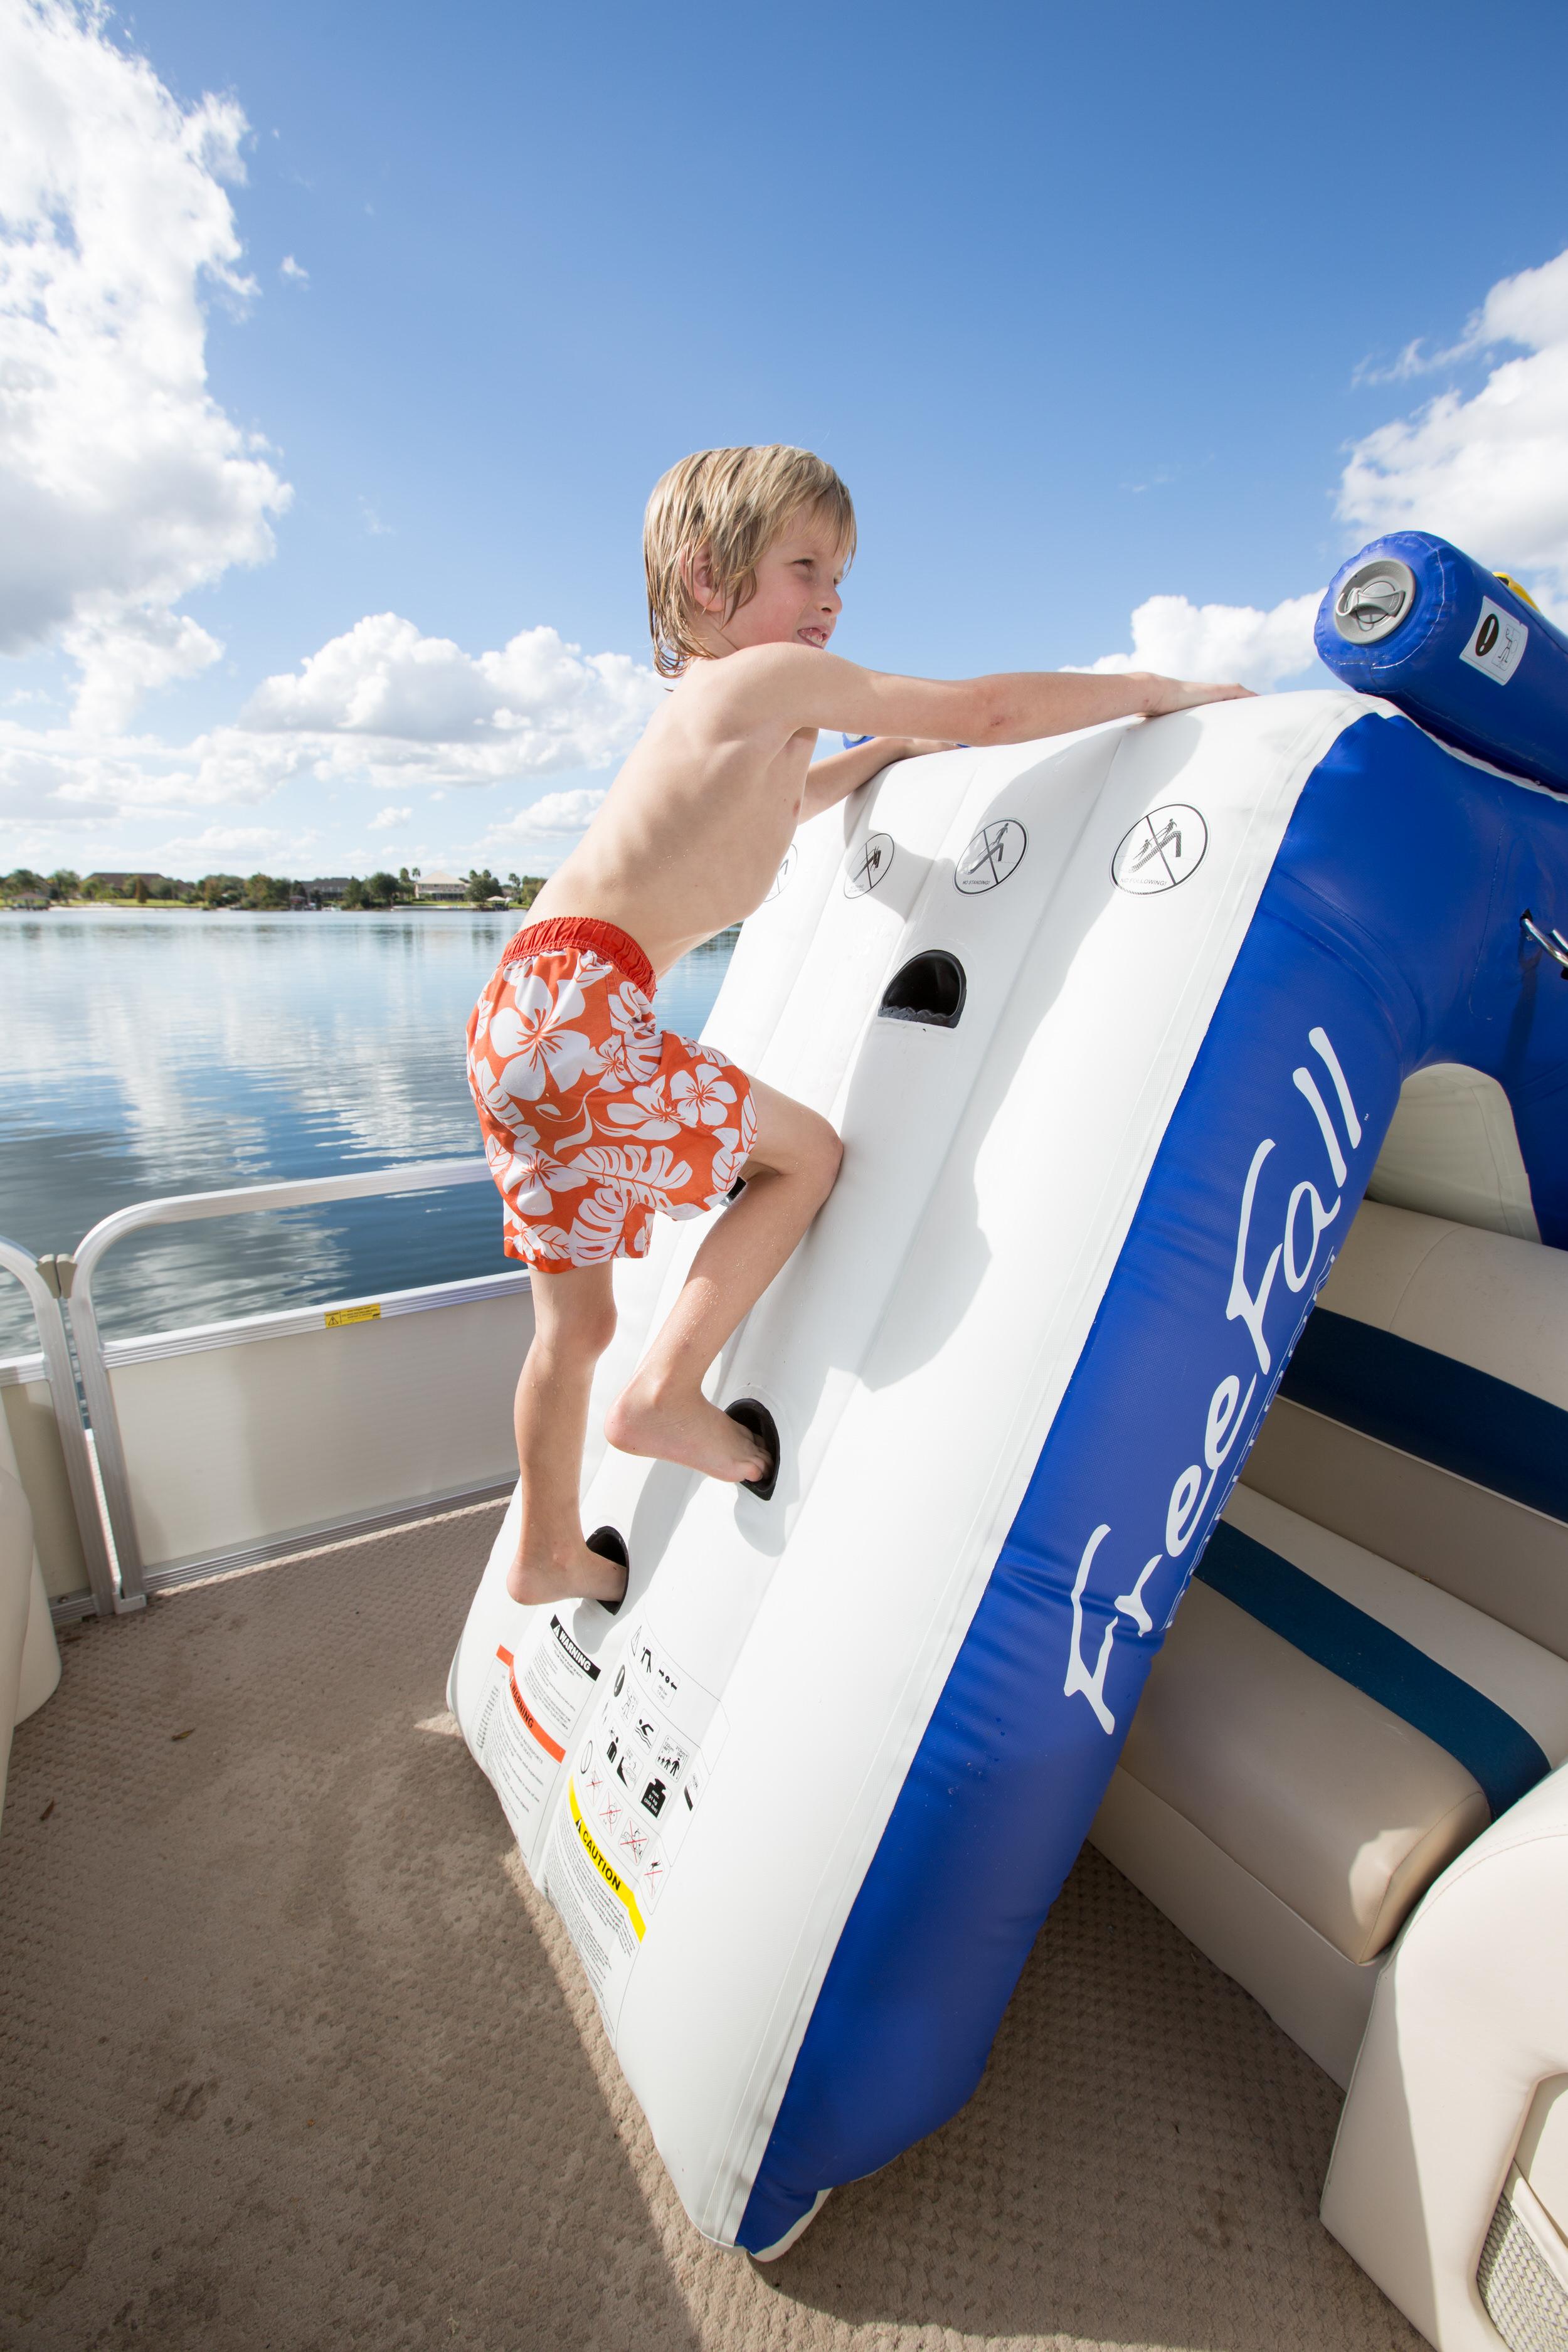 Image result for Aquaglide Inflatable water slide pontoon